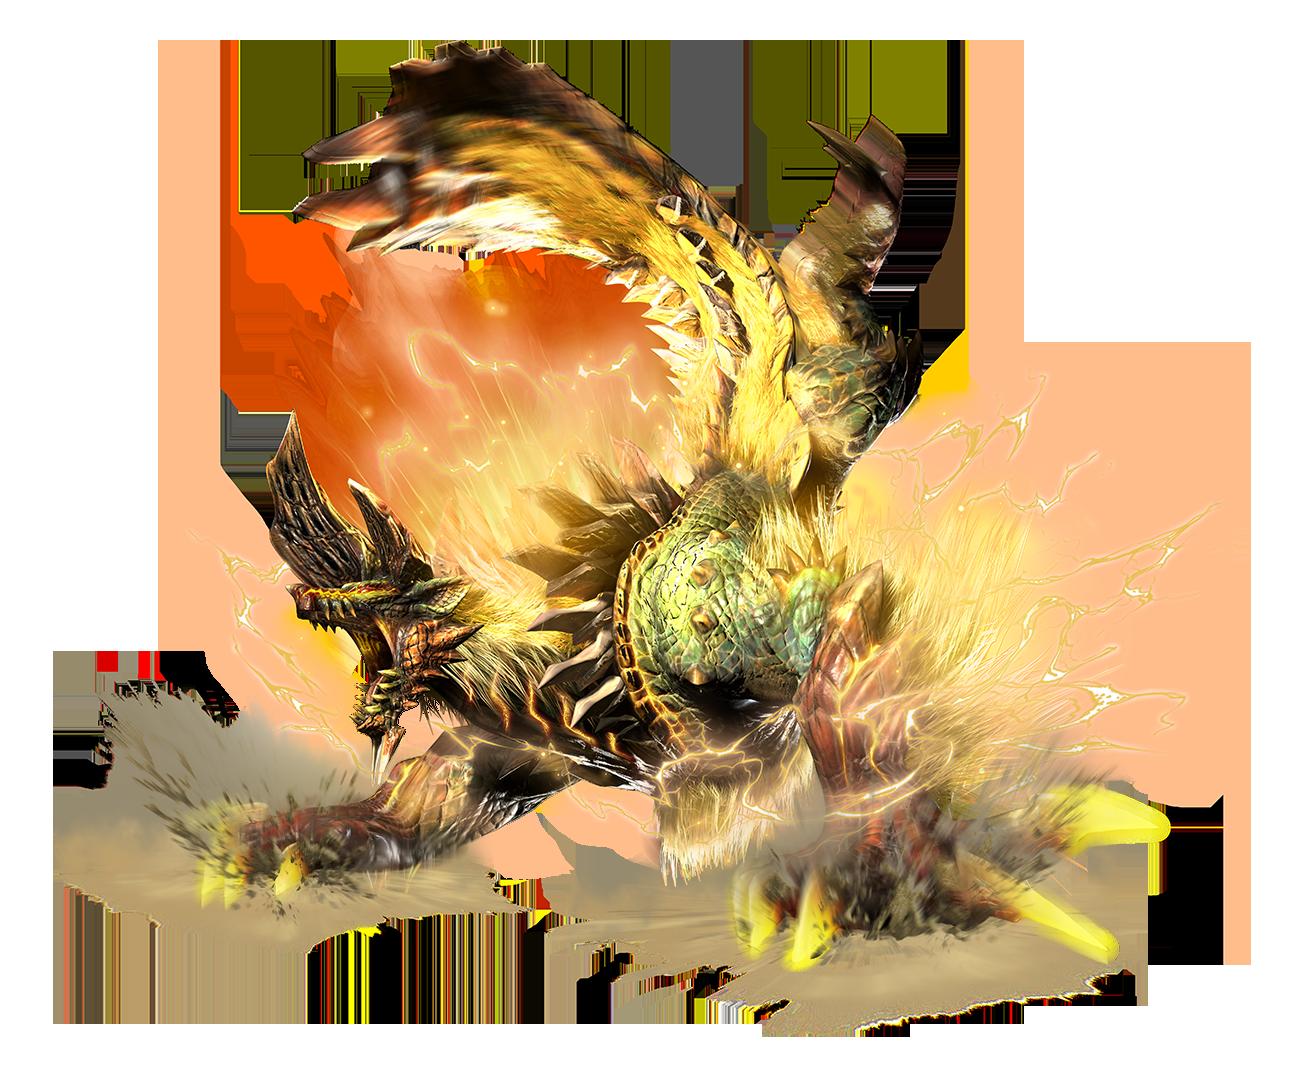 MHGen_Art_(Deviant)_Thunderlord_Zinogre